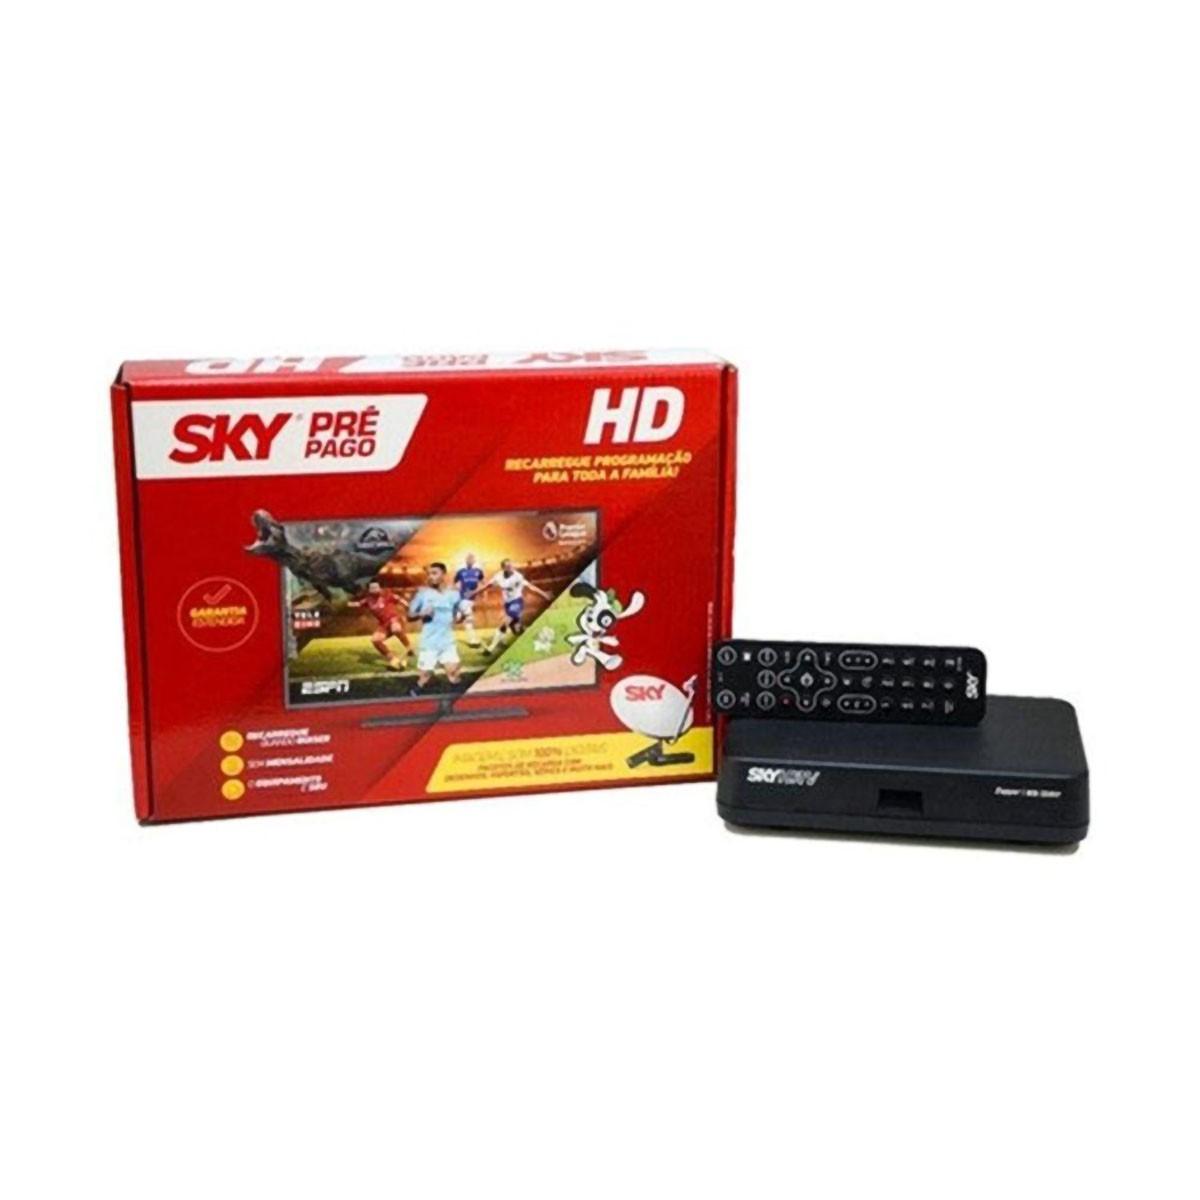 Receptor Sky Pré-pago Flex HD  com Conectividade HDMI